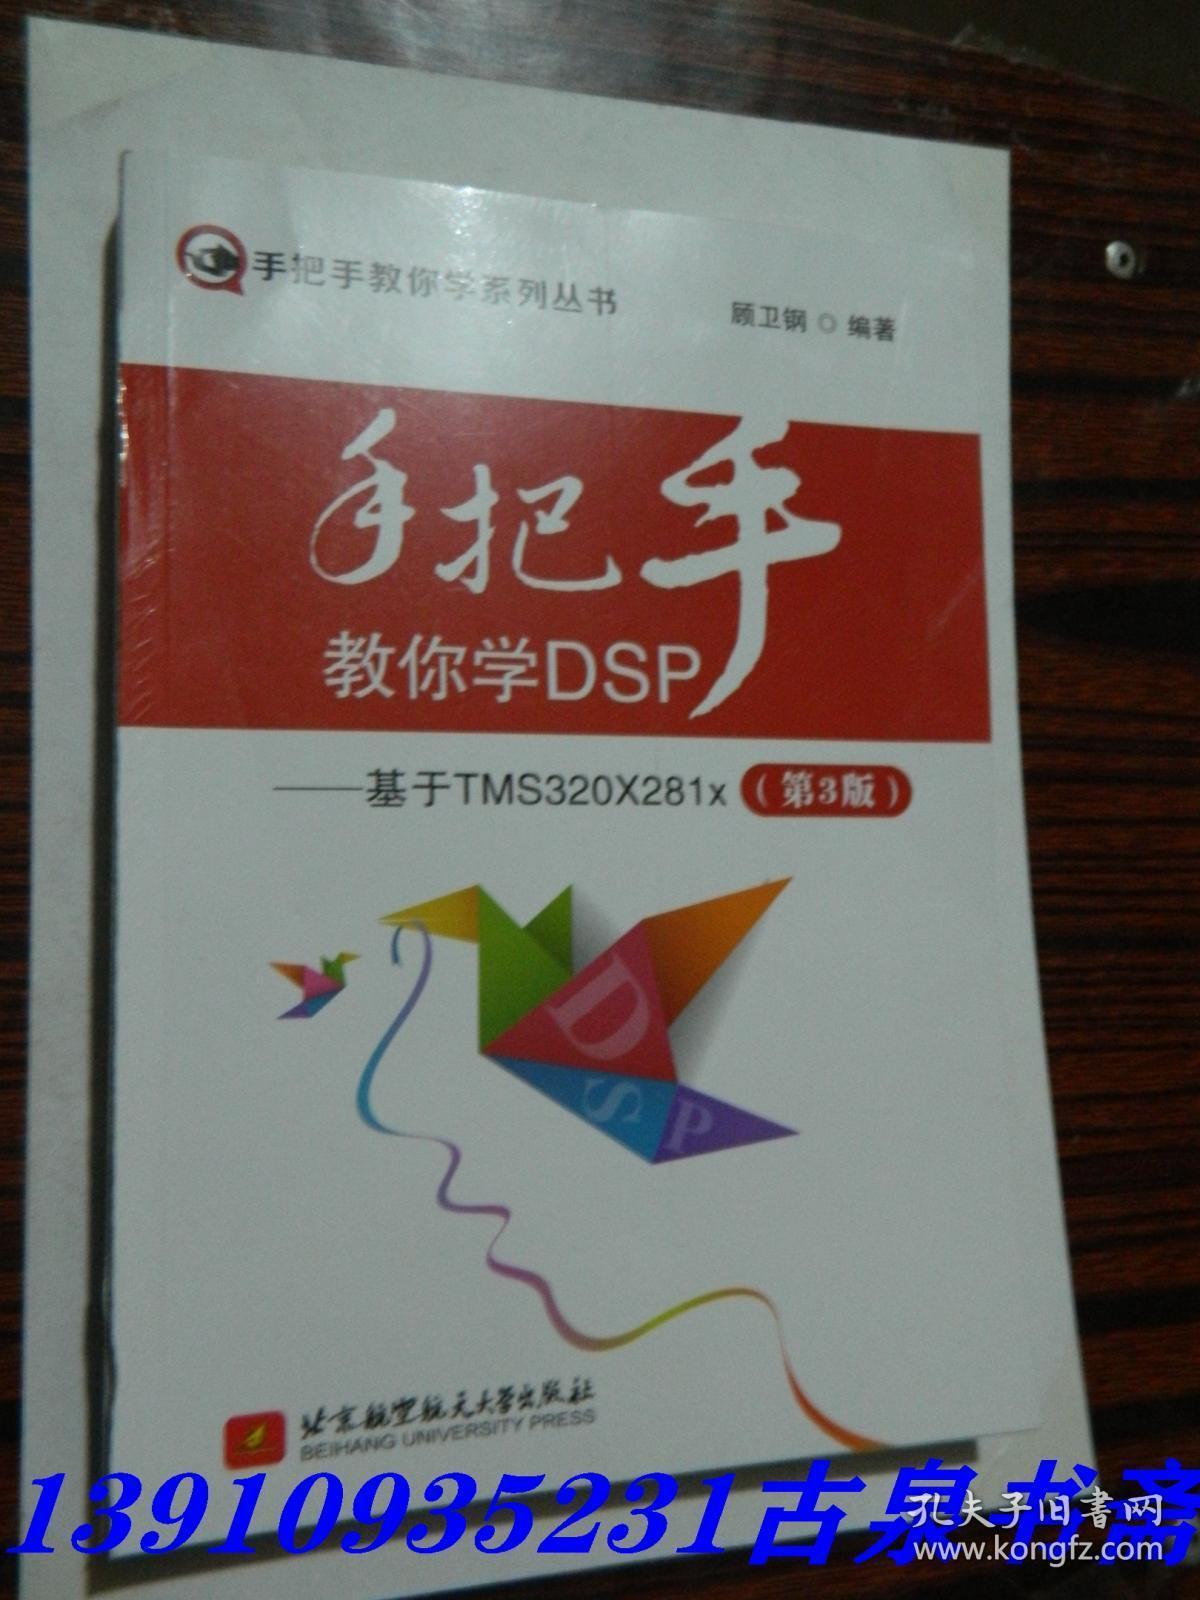 手把手教你学DSP--基于TMS320X281x(第3版)